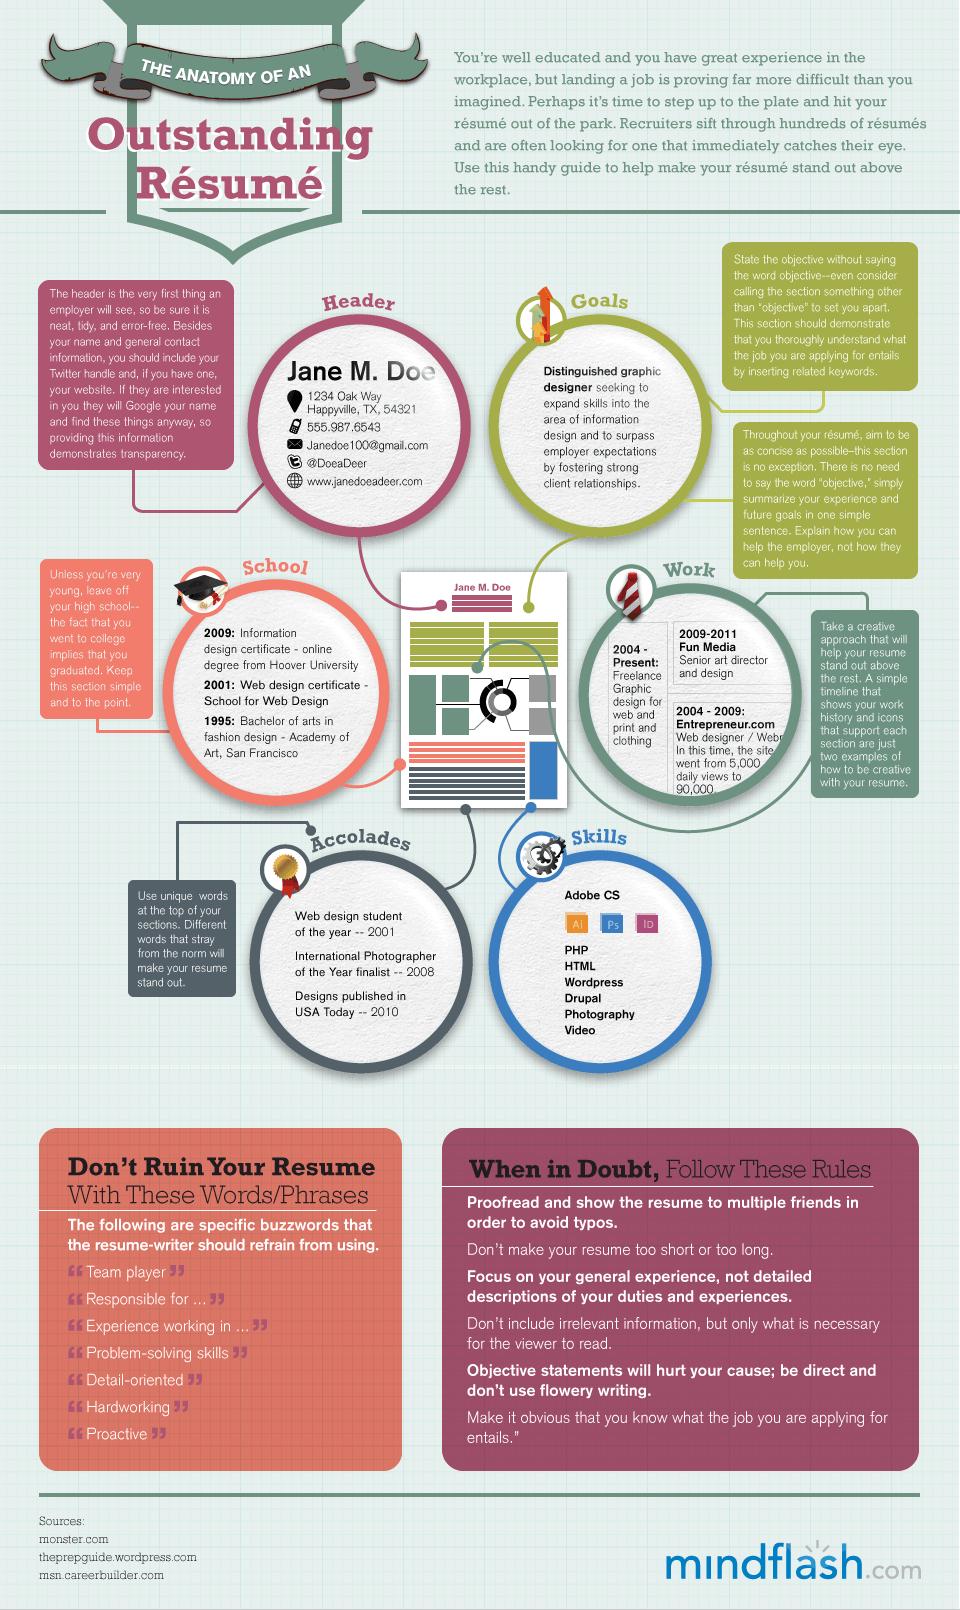 Infografía: La anatomía de un currículum ganador